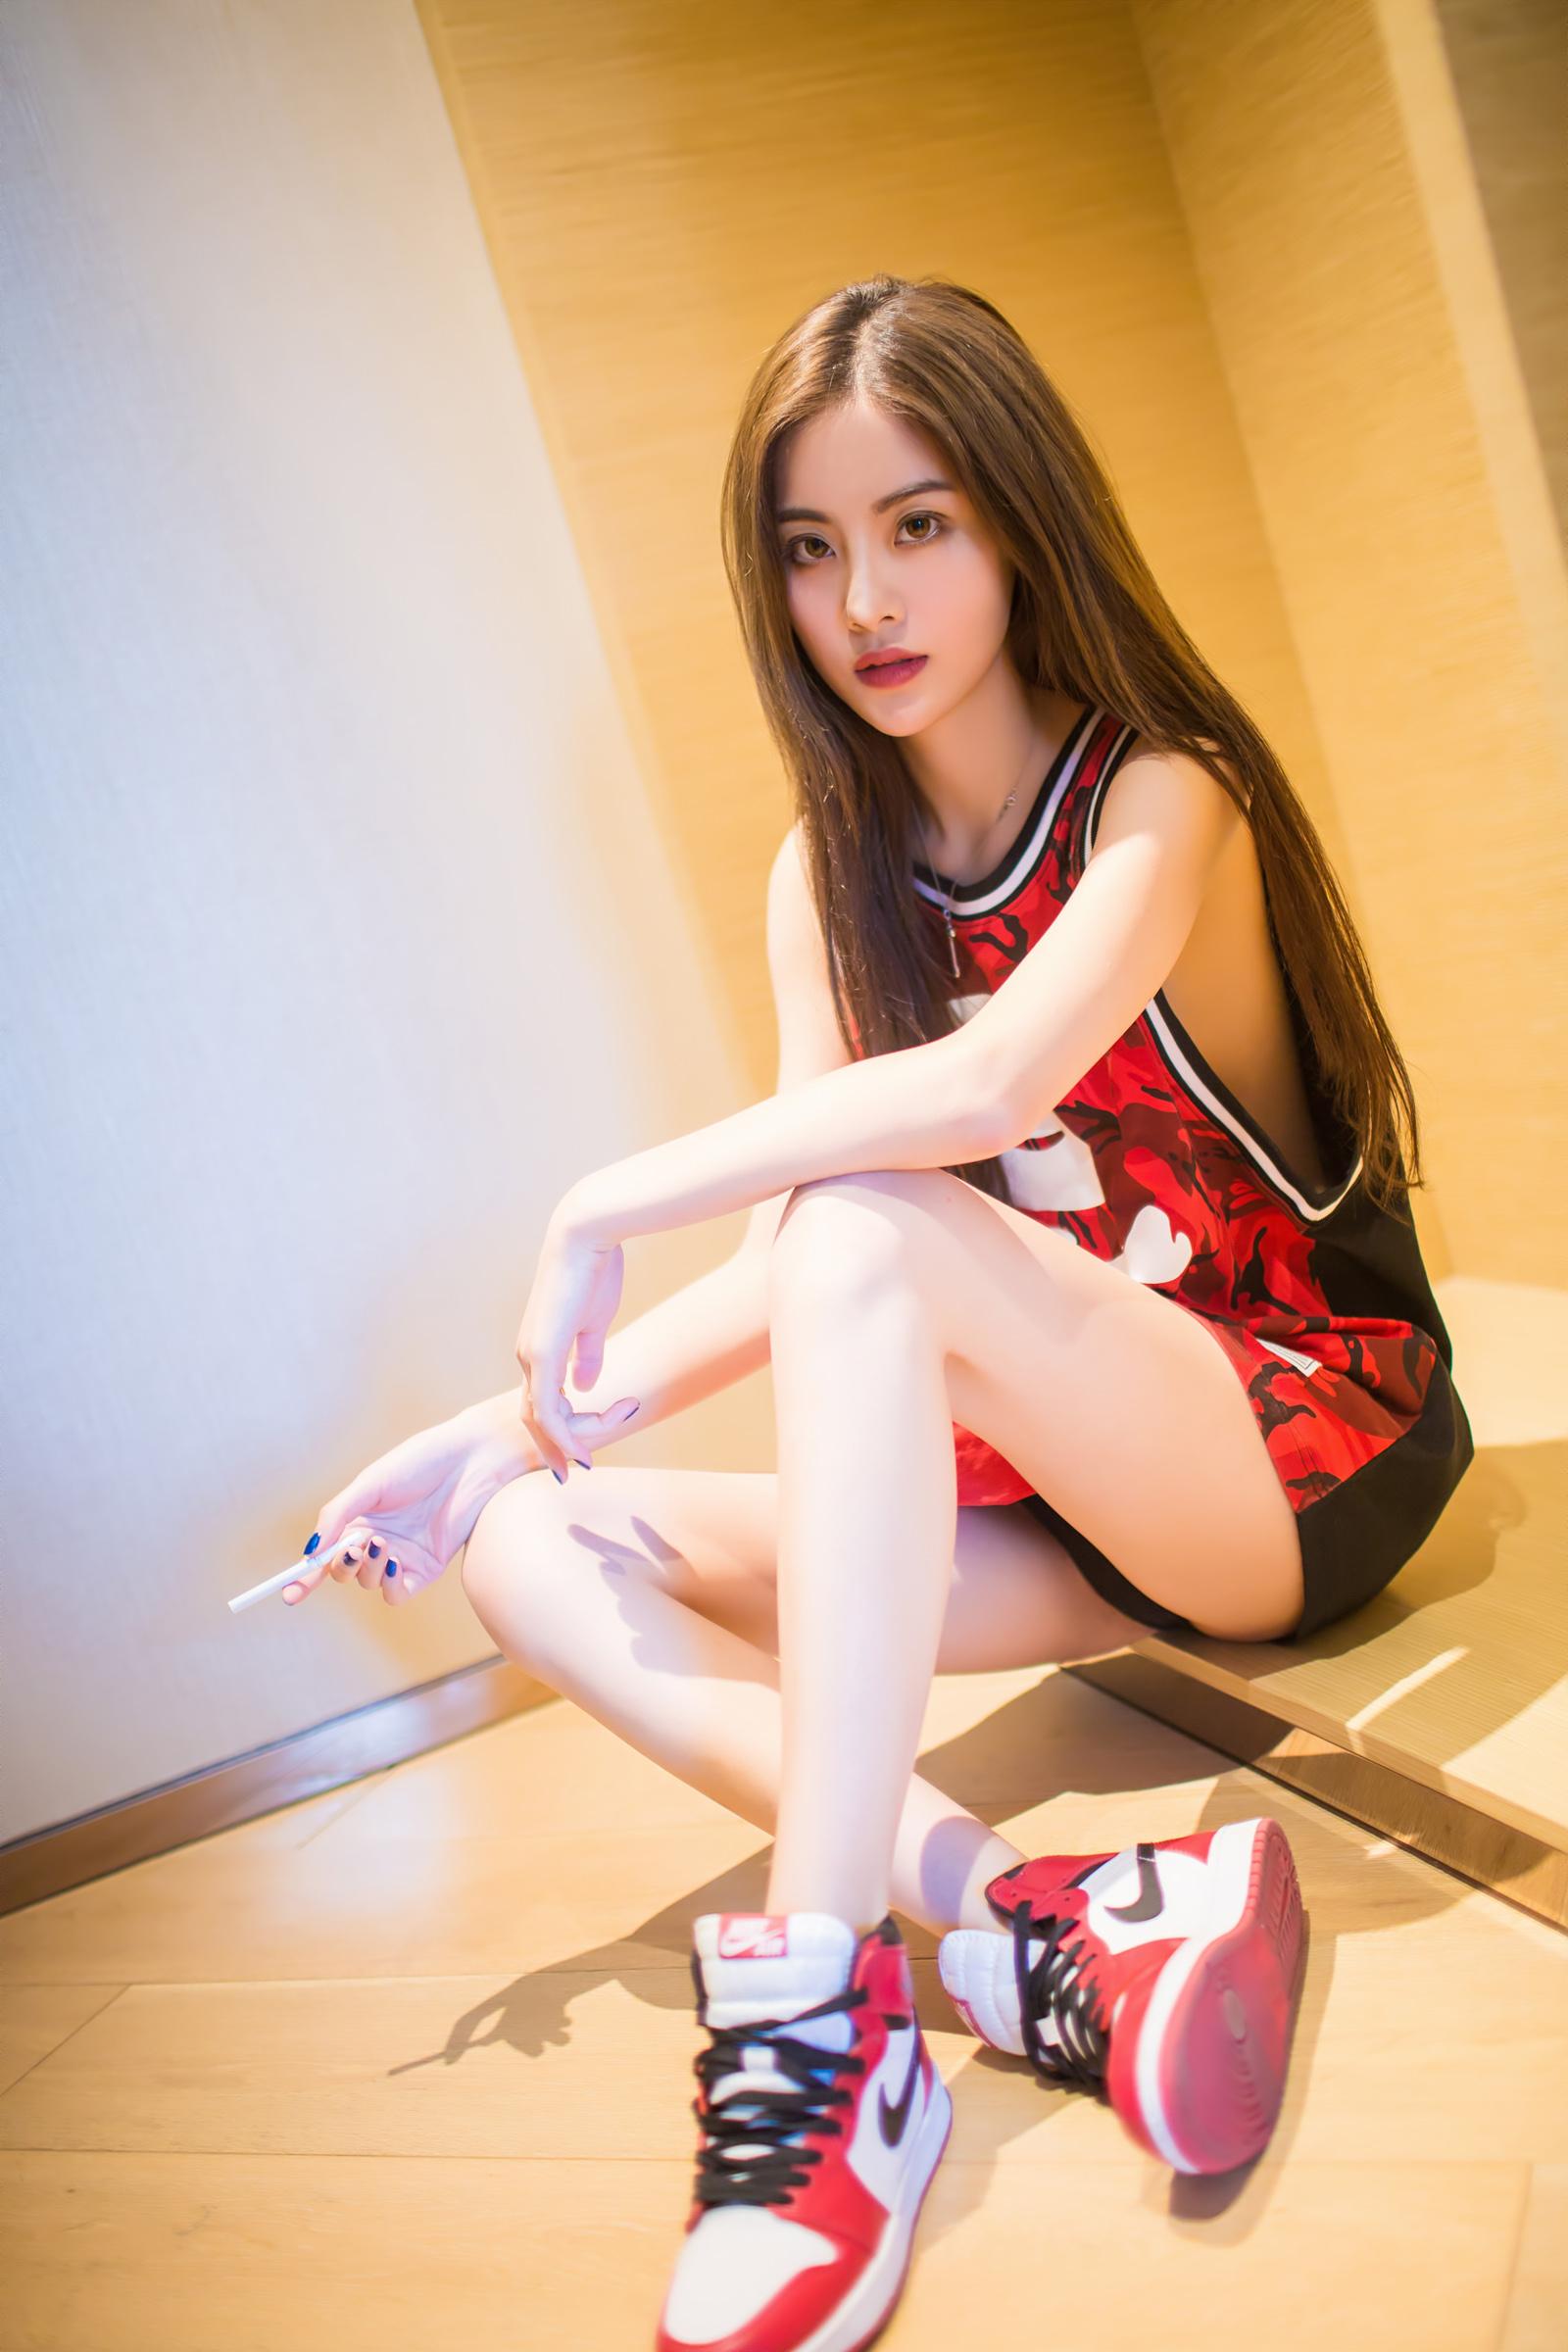 白皙嫩模★菲儿(3) - 花雕美图苑 - 花雕美图苑